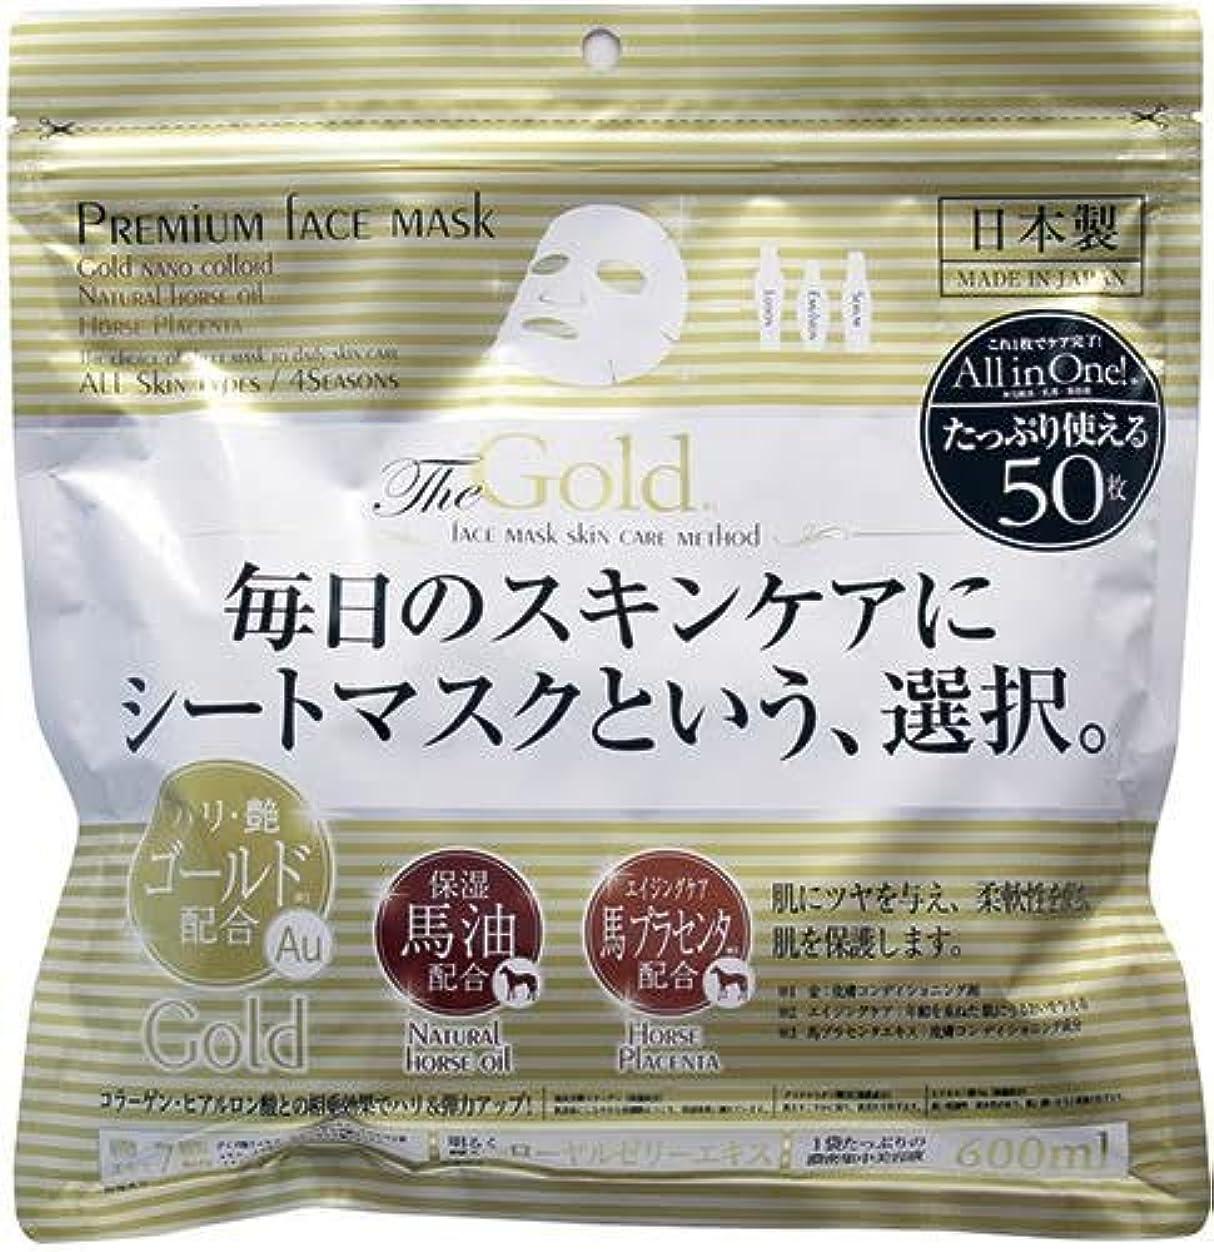 アクティブ困惑する夏プレミアムフェイスマスク ゴールド 50枚入 6個セット ★化粧水、乳液、美容液 ★オールインワンシートマスク